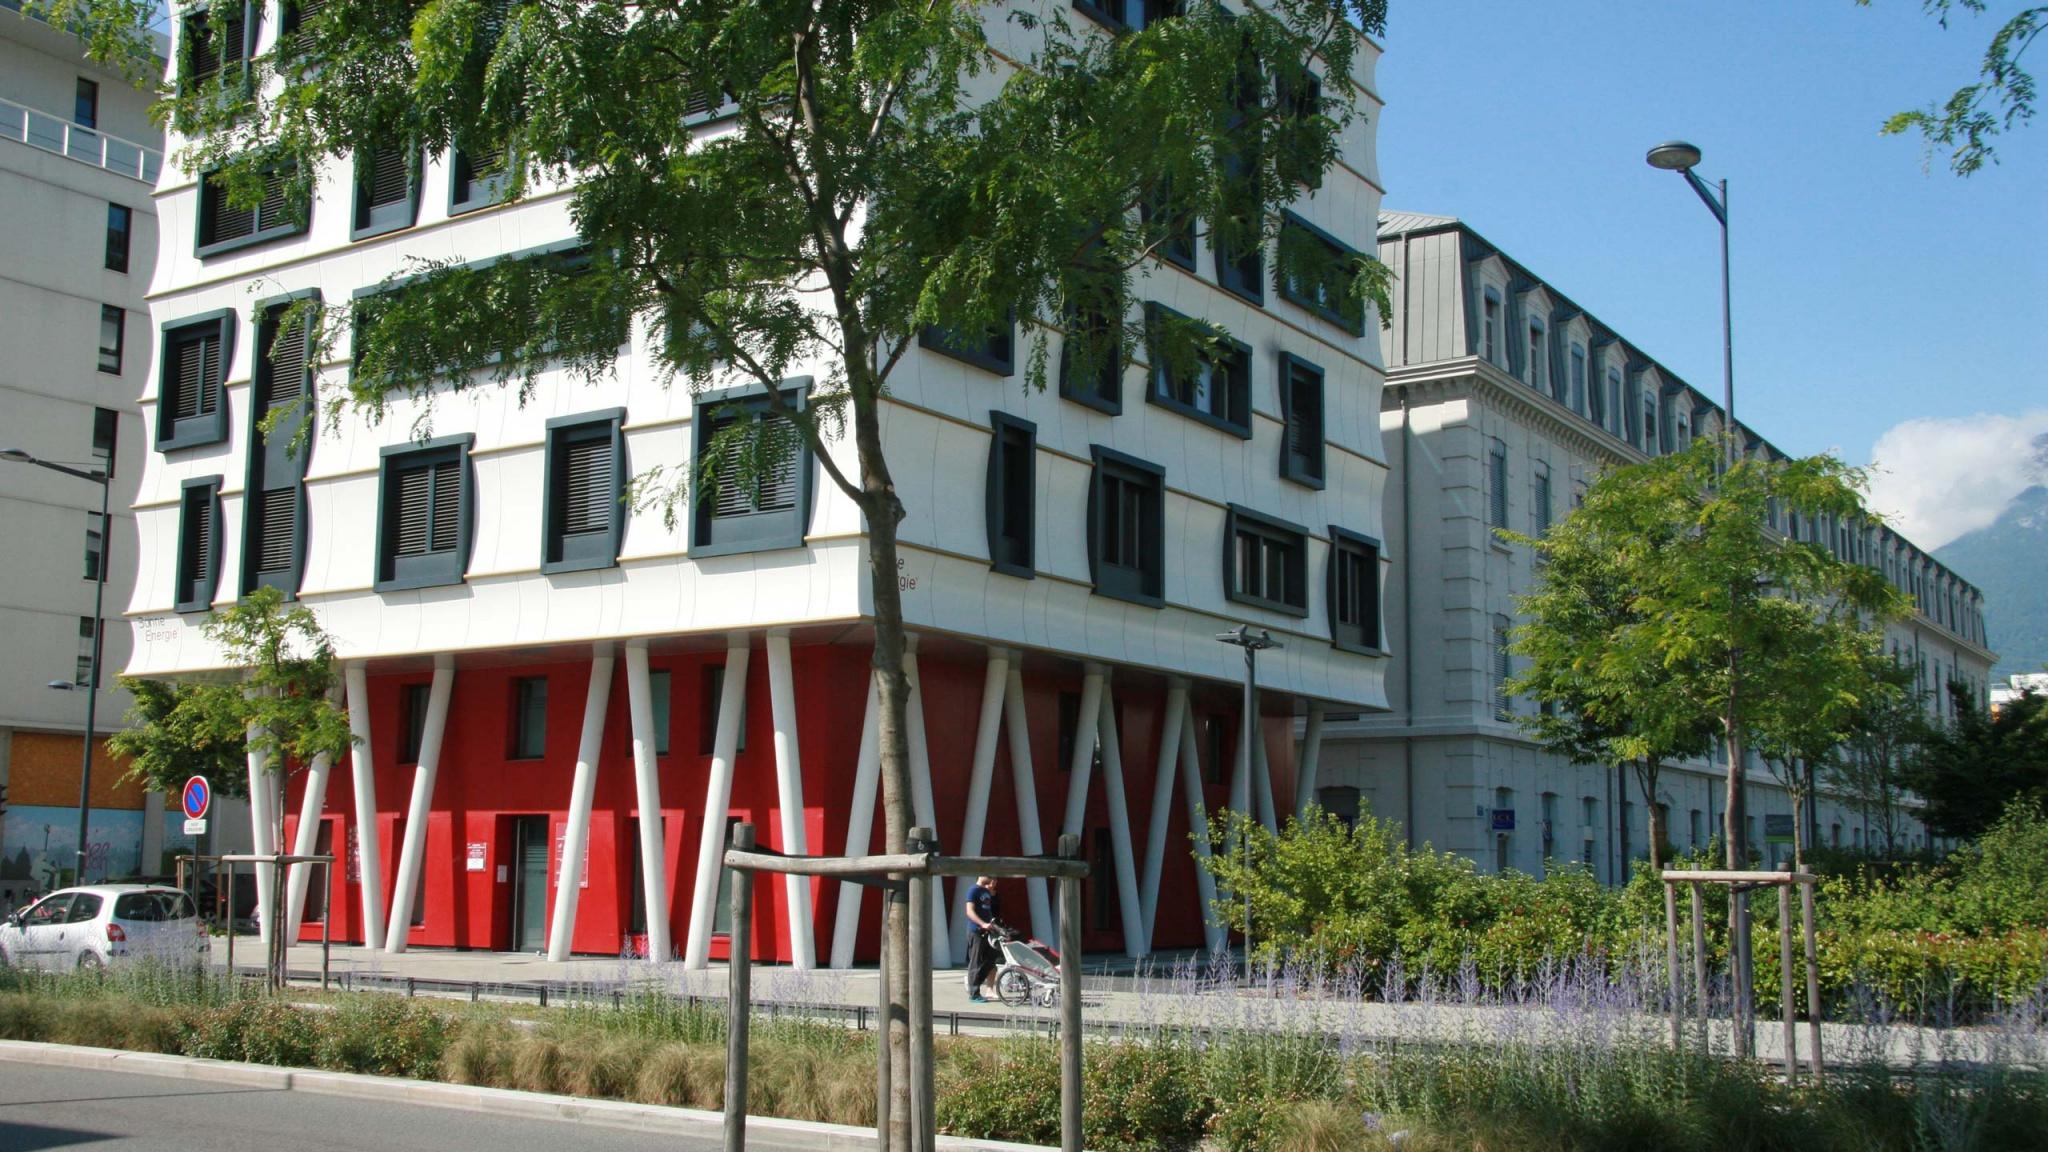 Immobilier Grenoble, projet de réhabilitation caserne